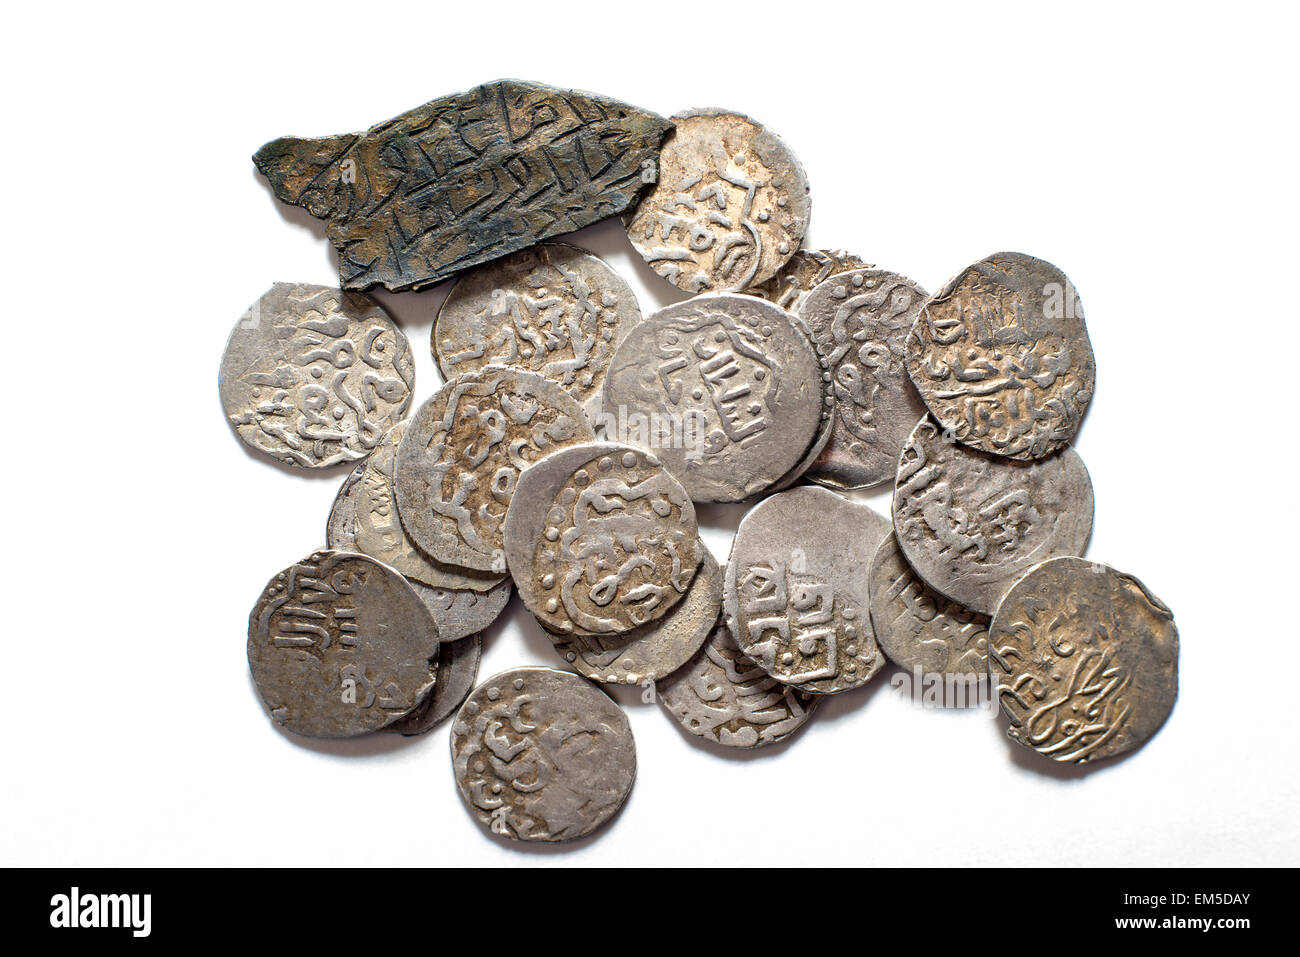 Viele Antike Münzen Silber Arabisch Auf Weißem Hintergrund Stockfoto